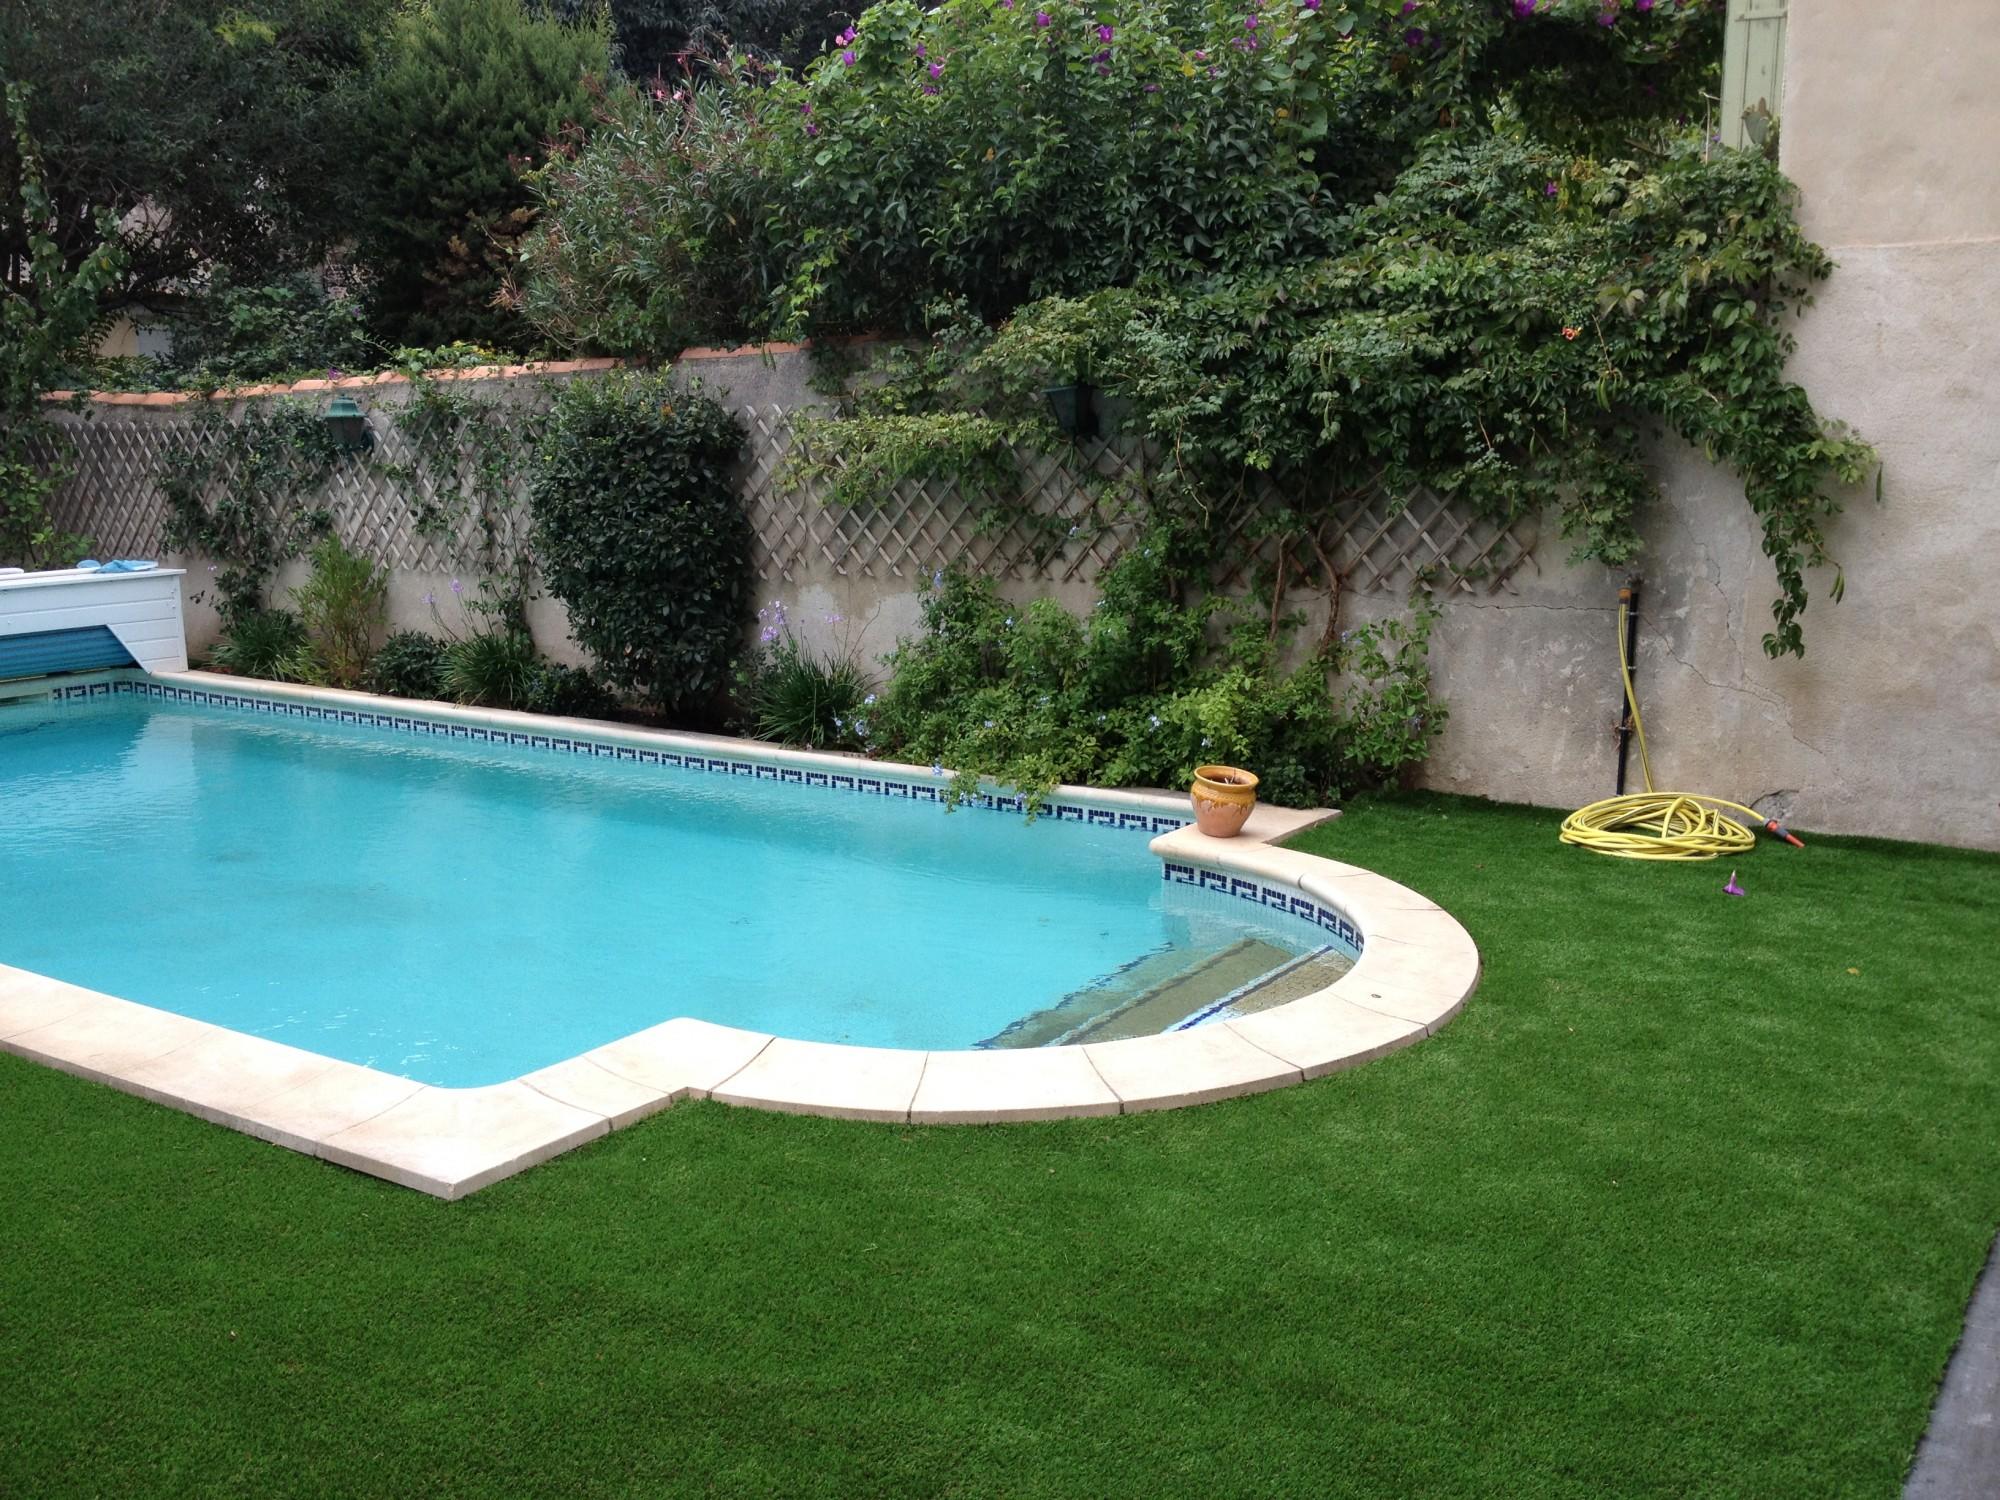 Gazon synth tique autour d 39 une piscine dans un jardin for Apprendre a plonger dans une piscine